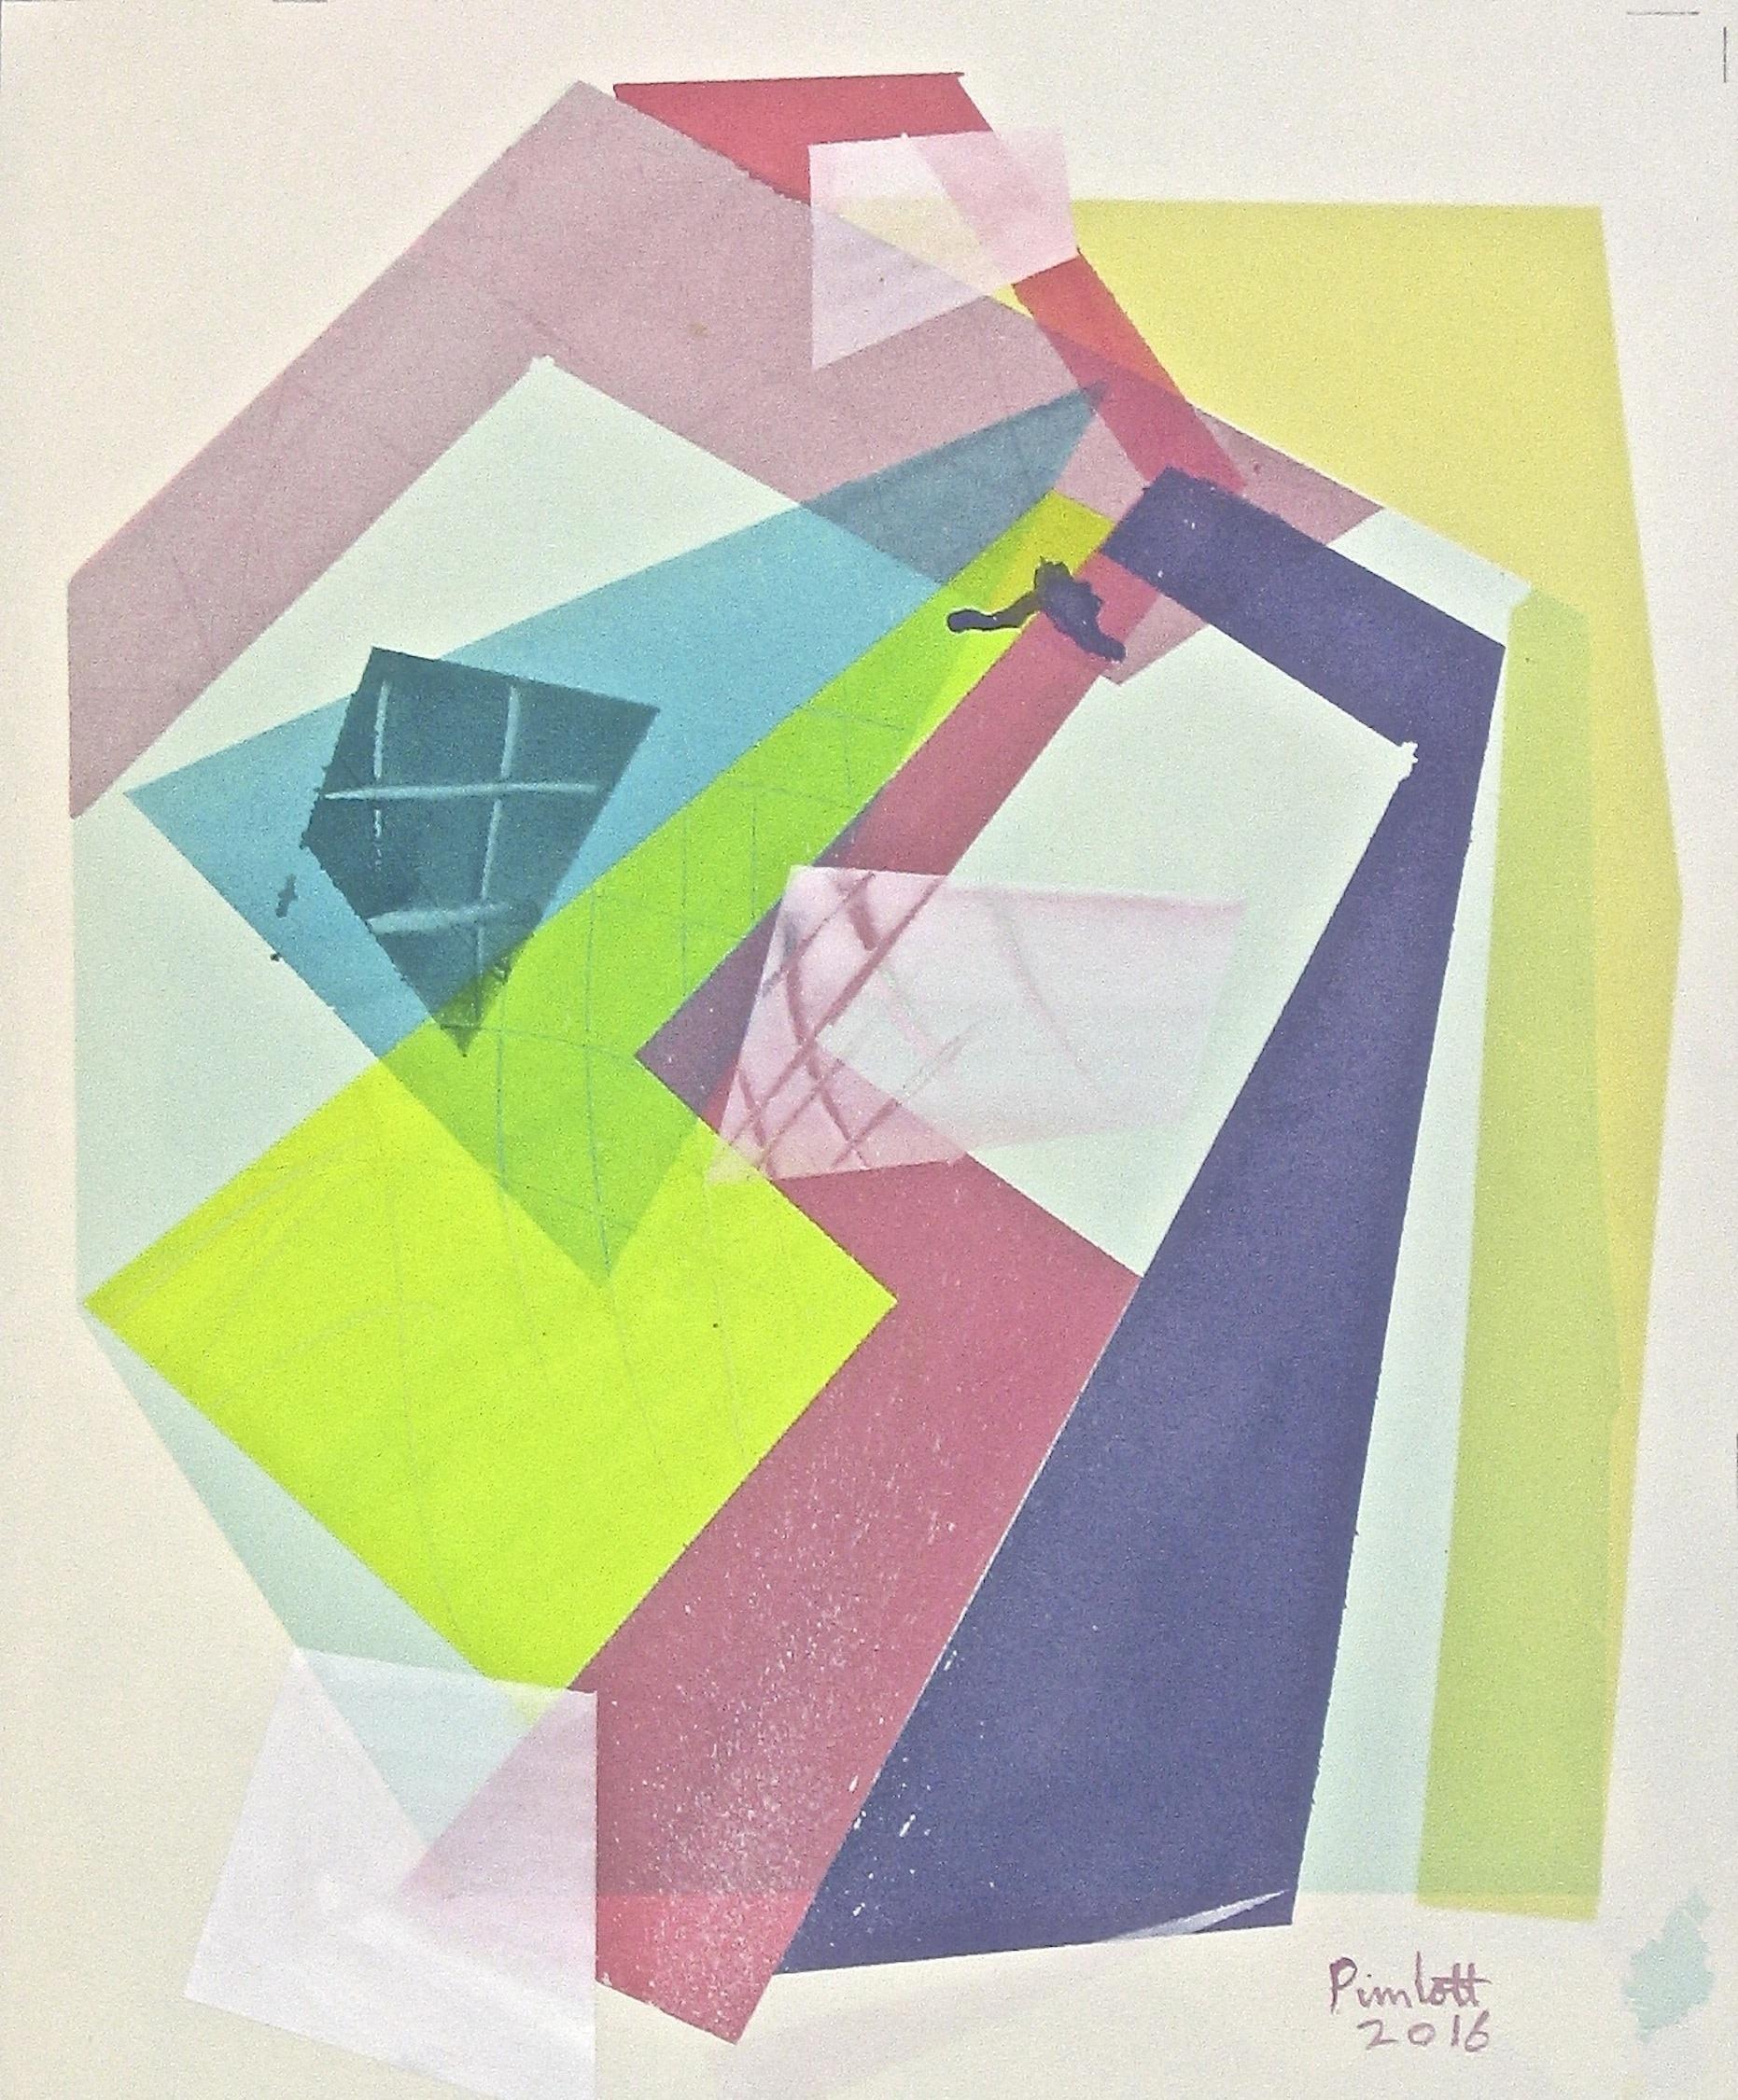 <span class=&#34;link fancybox-details-link&#34;><a href=&#34;/exhibitions/24/works/artworks_standalone10772/&#34;>View Detail Page</a></span><div class=&#34;artist&#34;><span class=&#34;artist&#34;><strong>Geoffrey Pimlott</strong></span></div><div class=&#34;title&#34;><em>Flat Cube Cubed</em></div><div class=&#34;medium&#34;>watercolour</div><div class=&#34;dimensions&#34;>51x44cm</div>